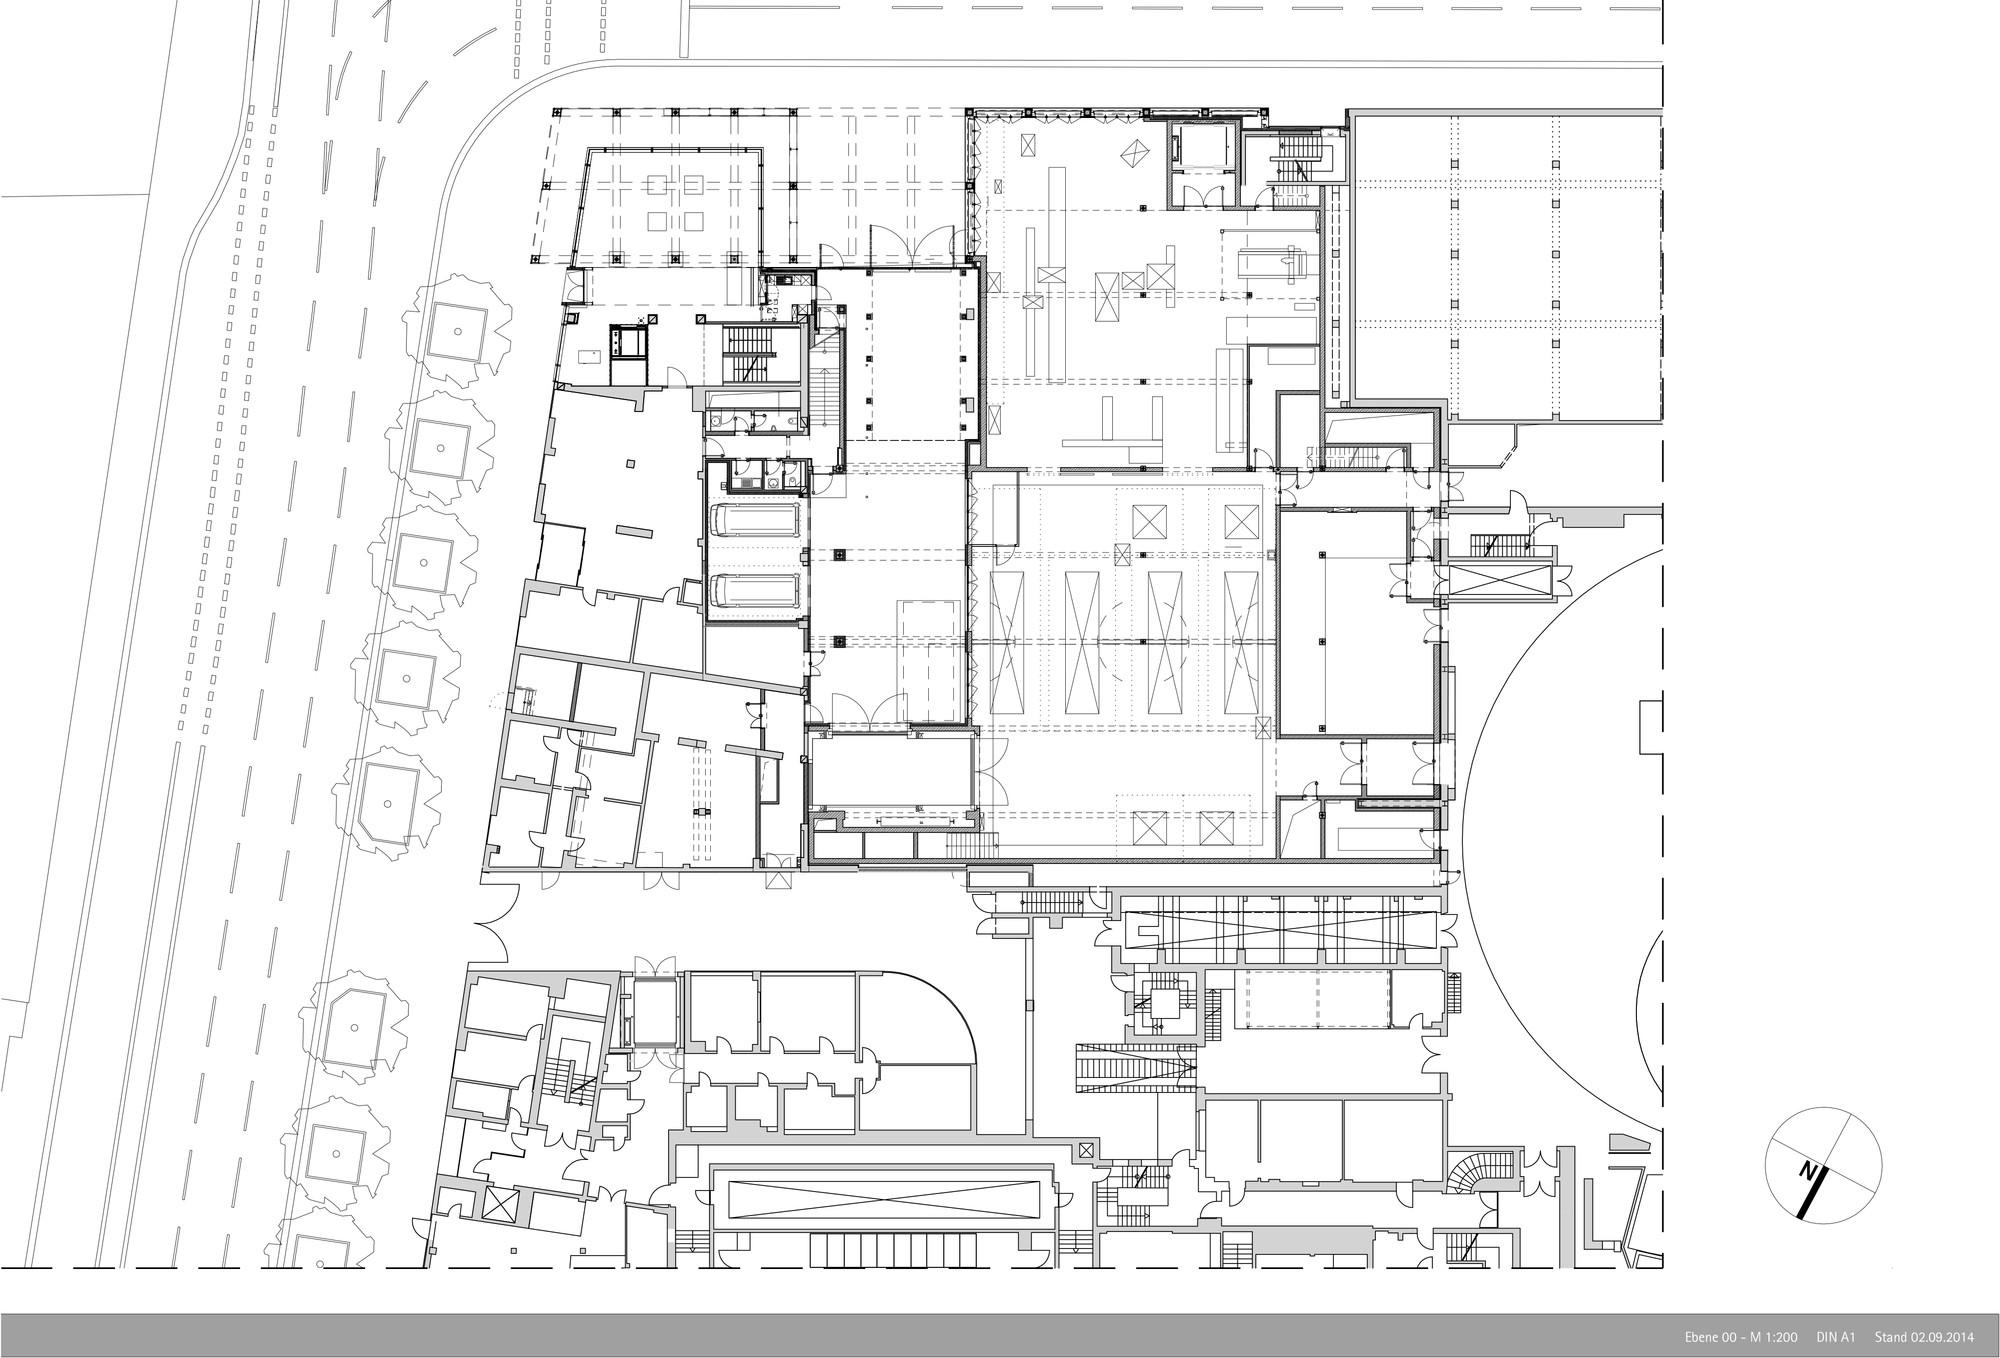 St 228 Dtische B 252 Hnen Theatre Workshops Gmp Architekten